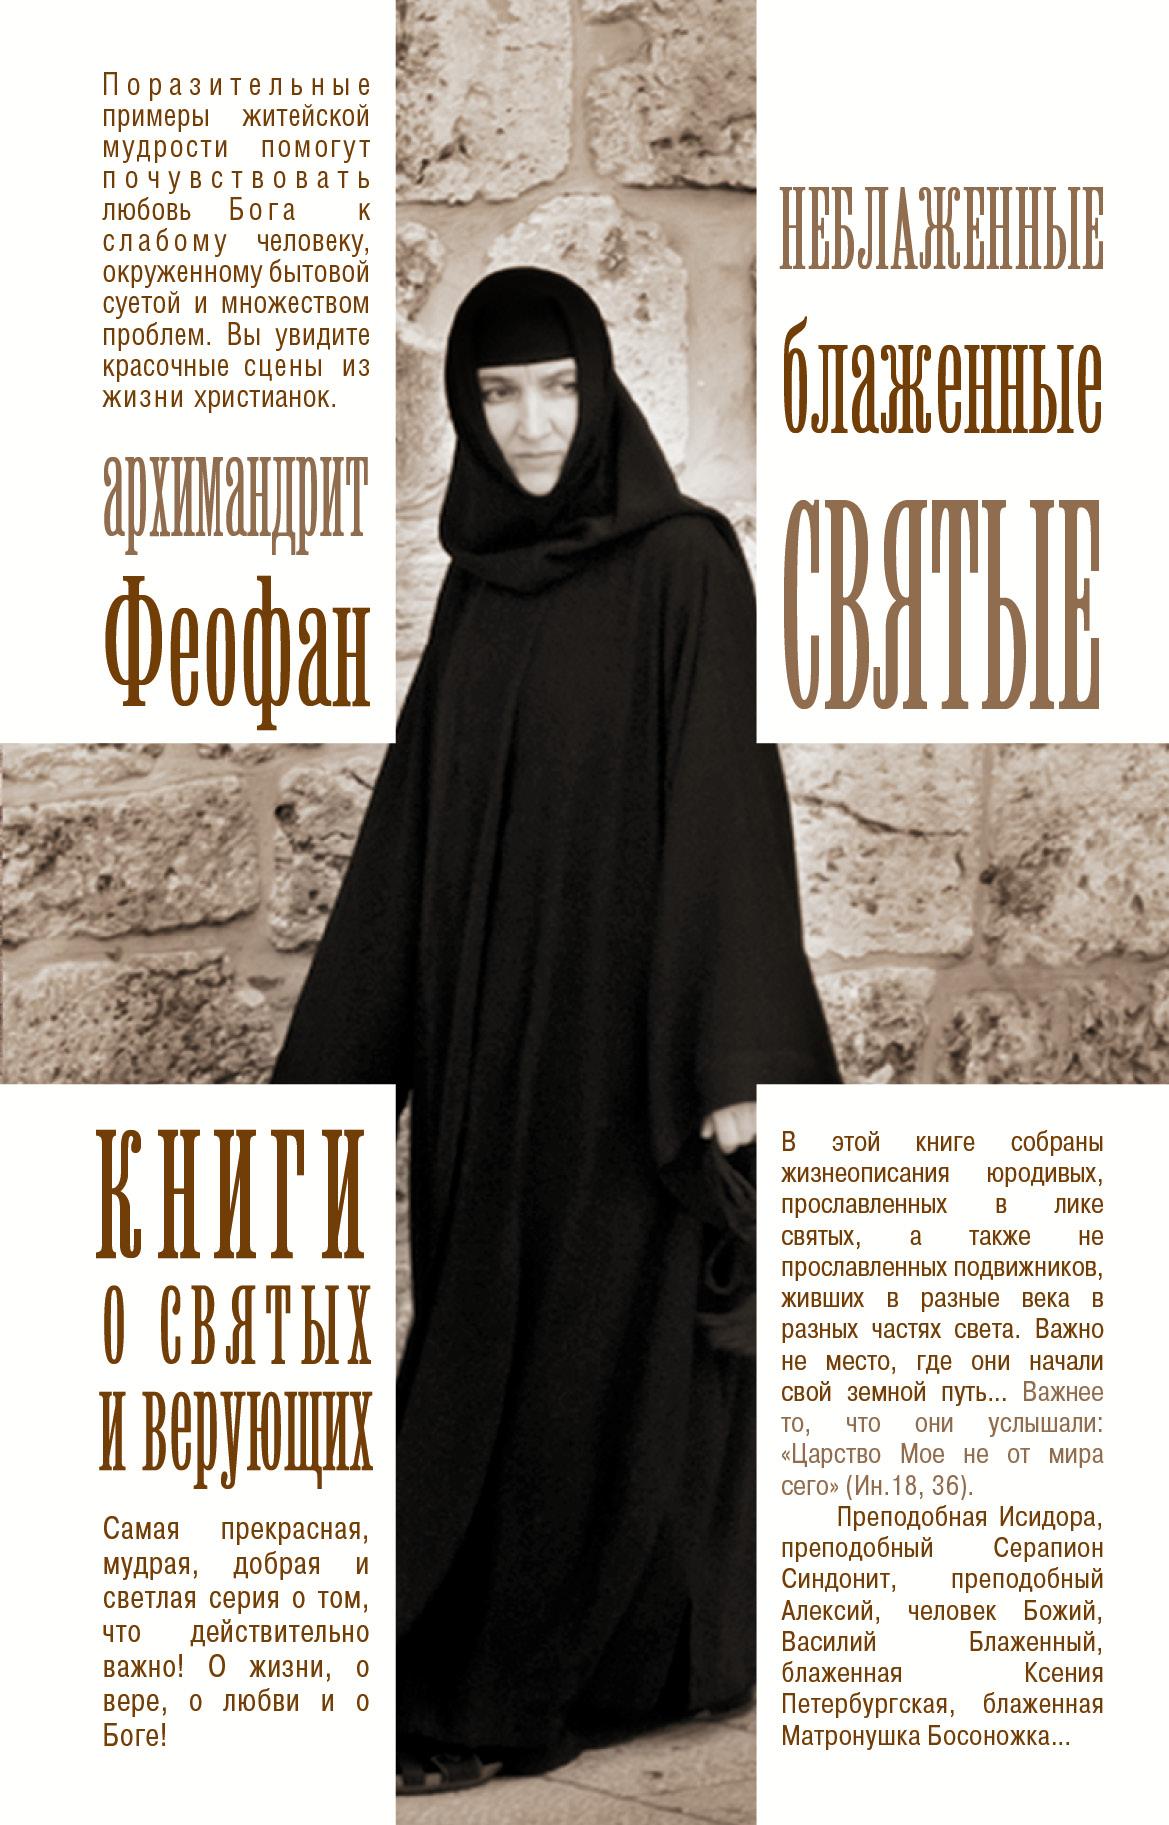 Неблаженные блаженные святые ( Архимандрит Феофан  )